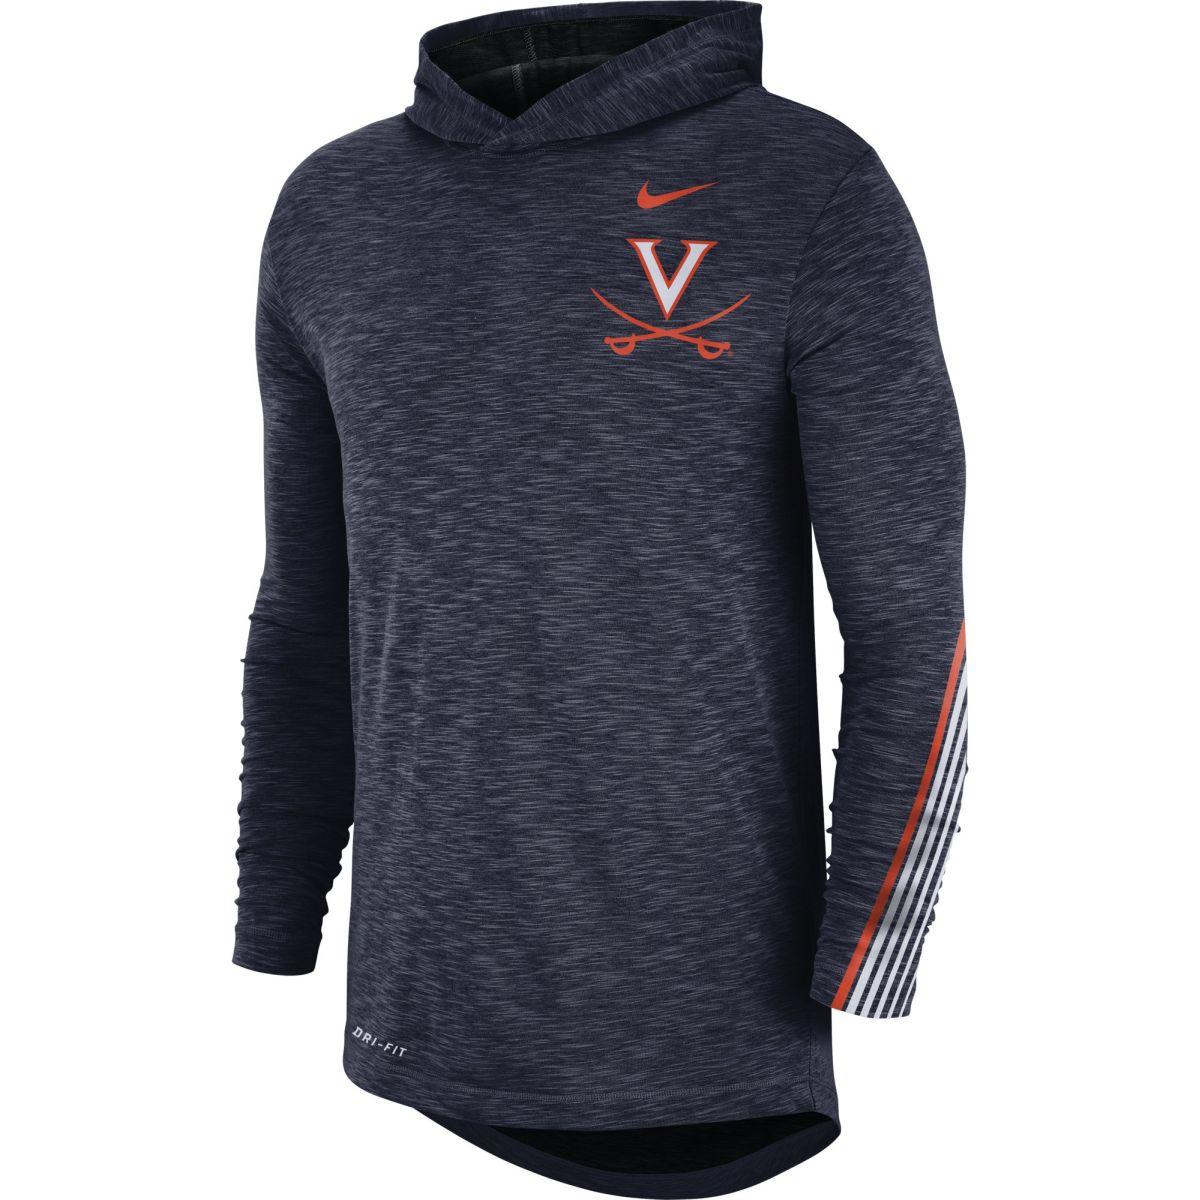 University of Virginia Sideline Dri-Fit Nike Hoodie